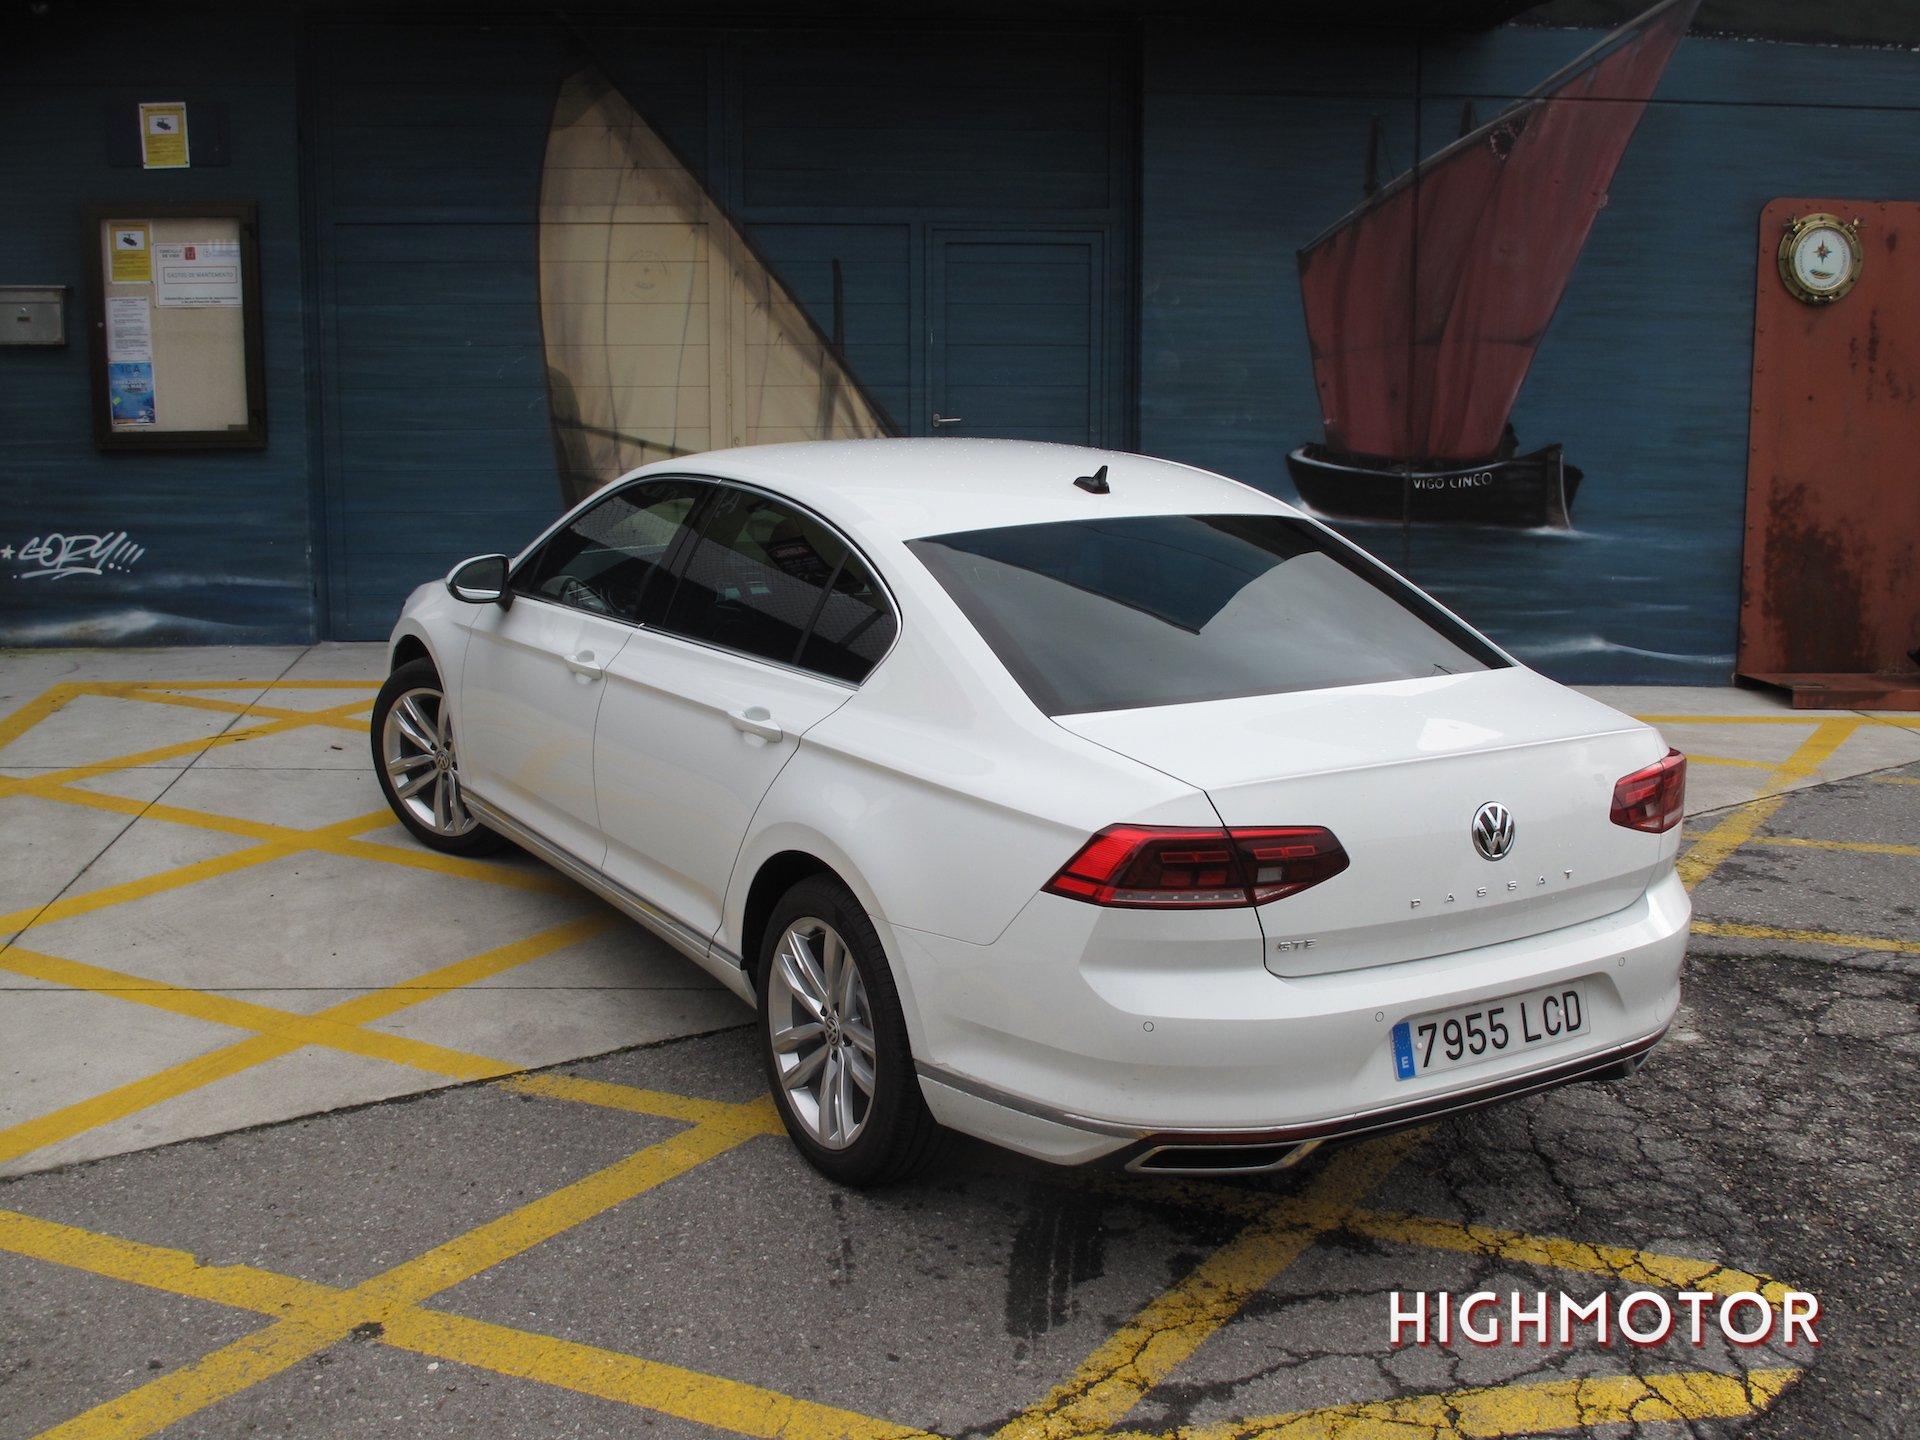 Prueba Volkswagen Passat Gte 1